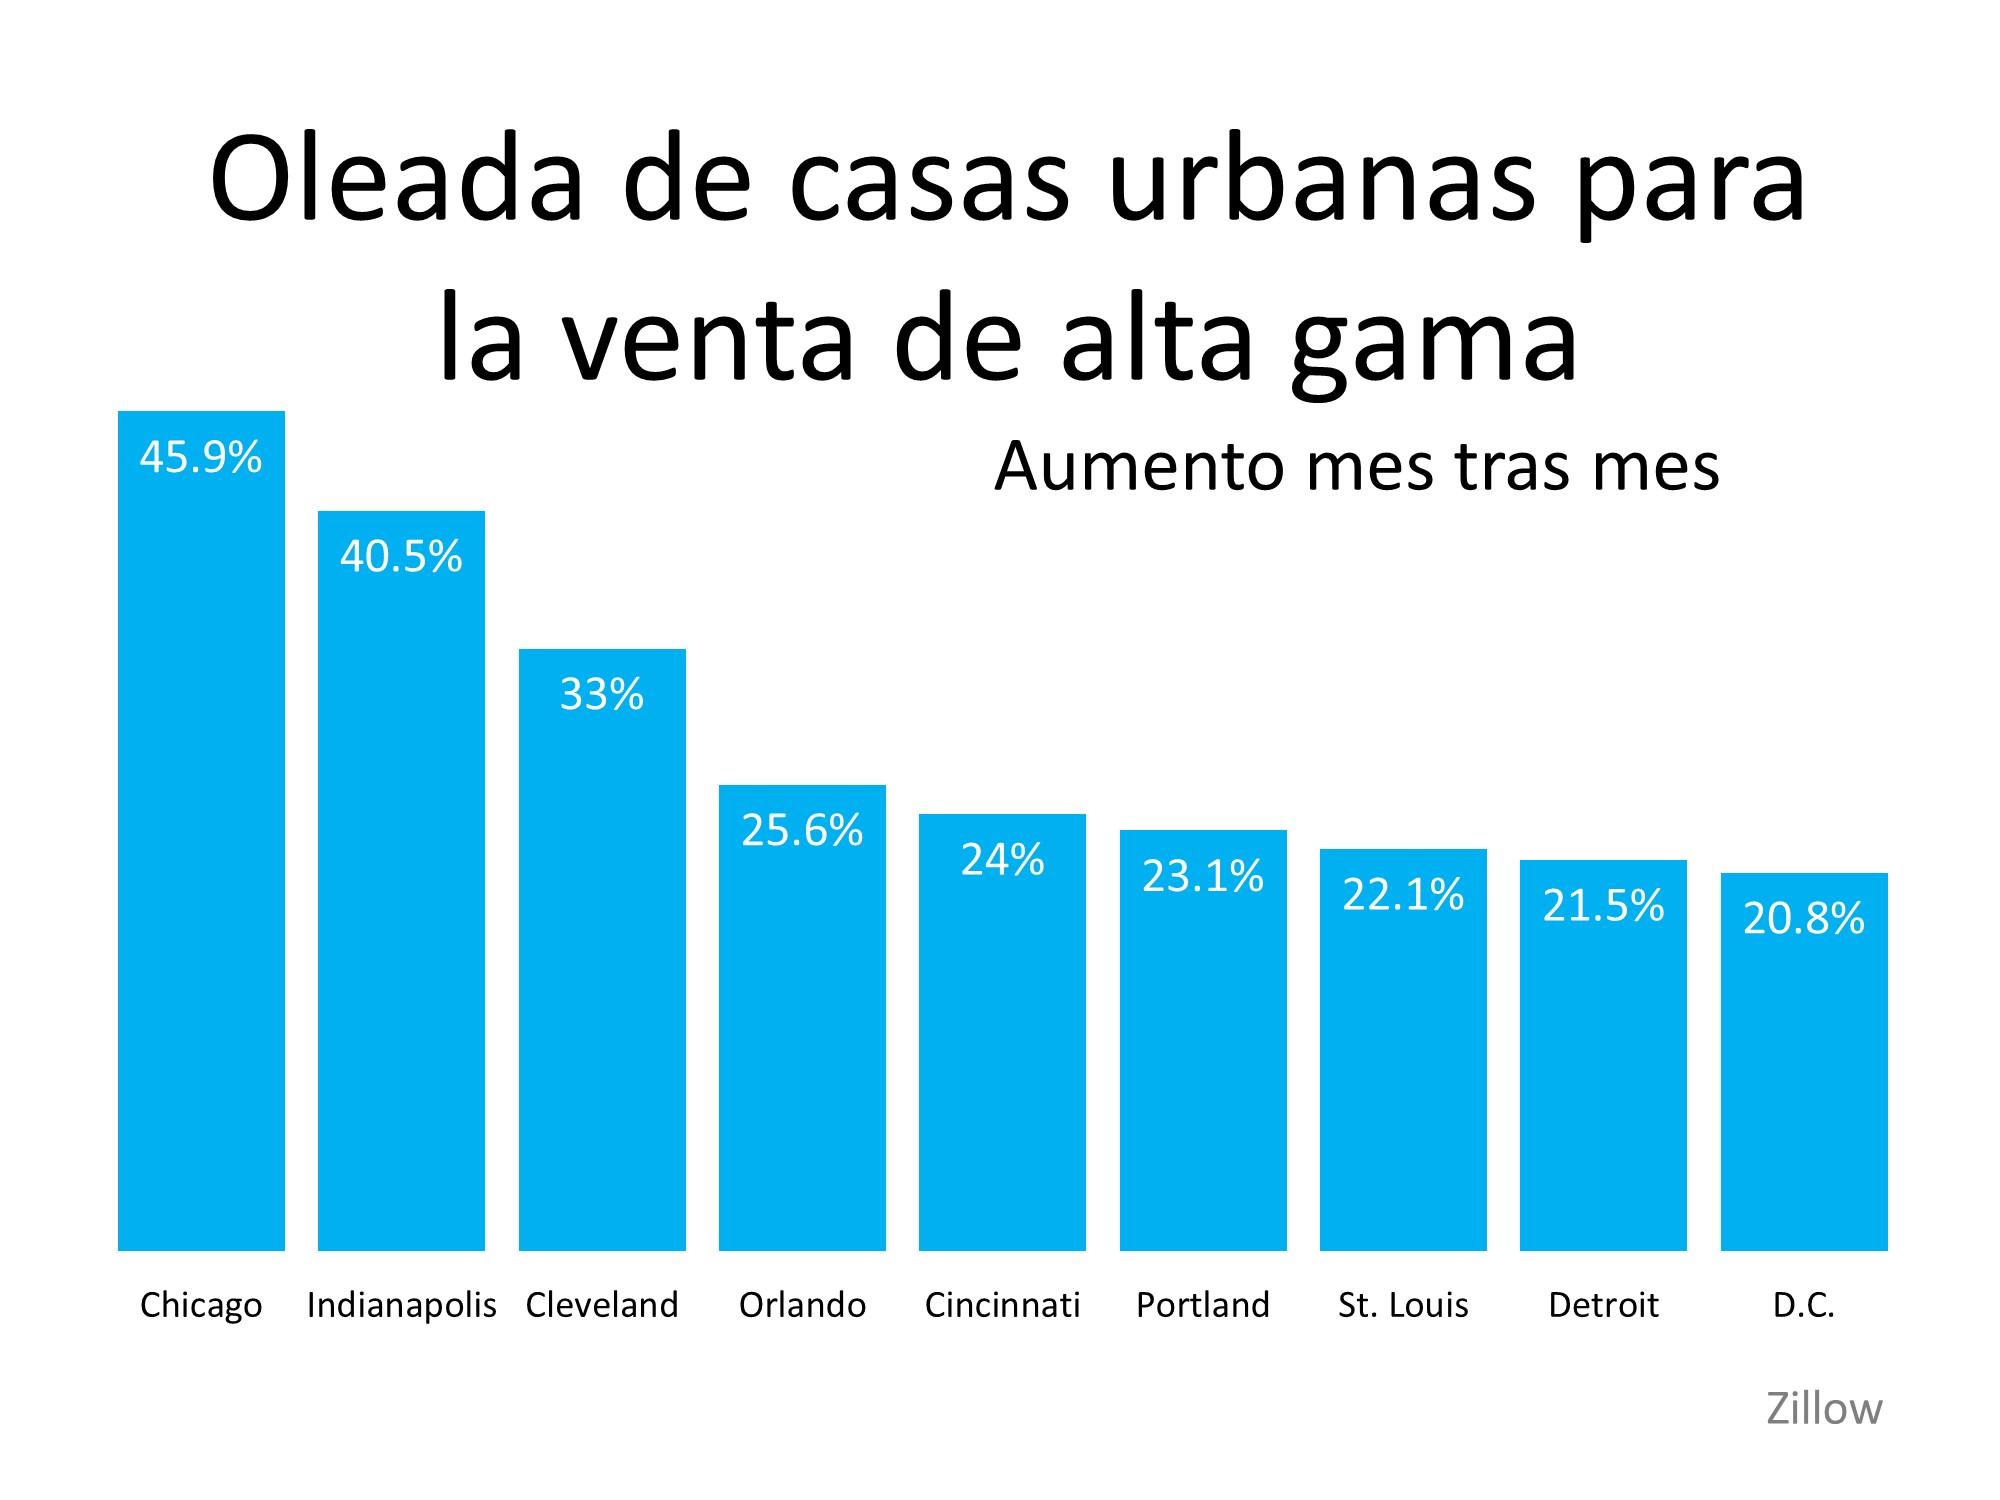 ¿Veremos una oleada de compradores de vivienda mudándose a los suburbios? | Simplifying The Market